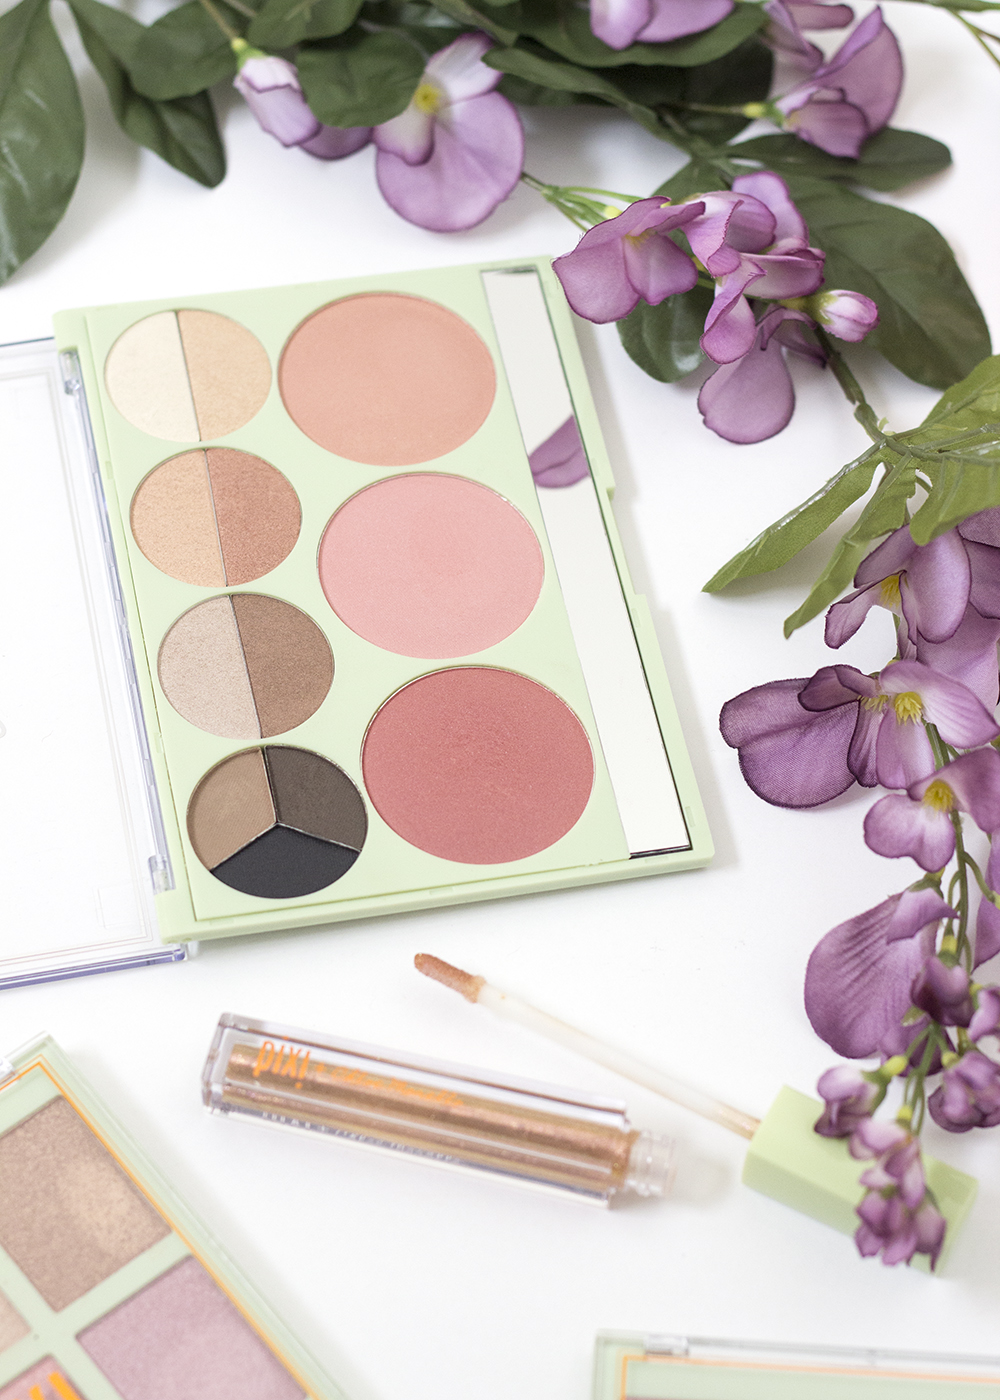 Pixi Beauty Palette Chloette Romantic Radiance Palette